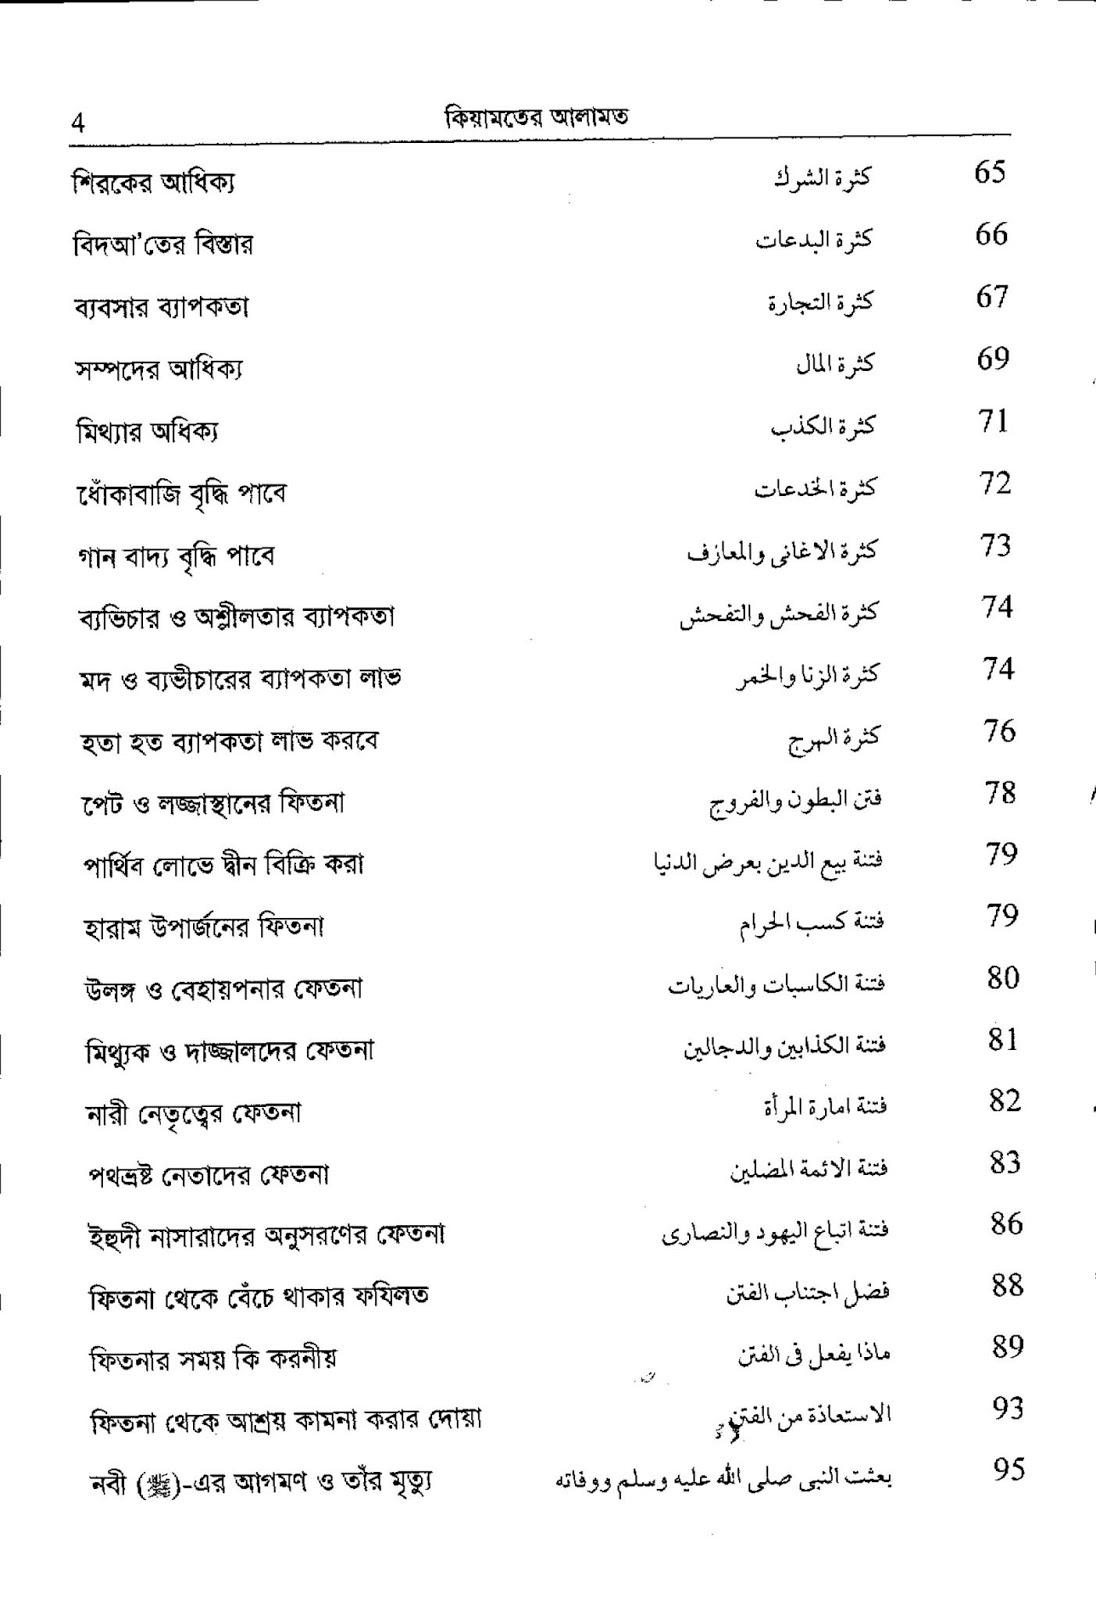 কিয়ামতের আলামত pdf |কিয়ামতের ১৪১ টি আলামত pdf | কিয়ামতের সকল আলামত সমূহ